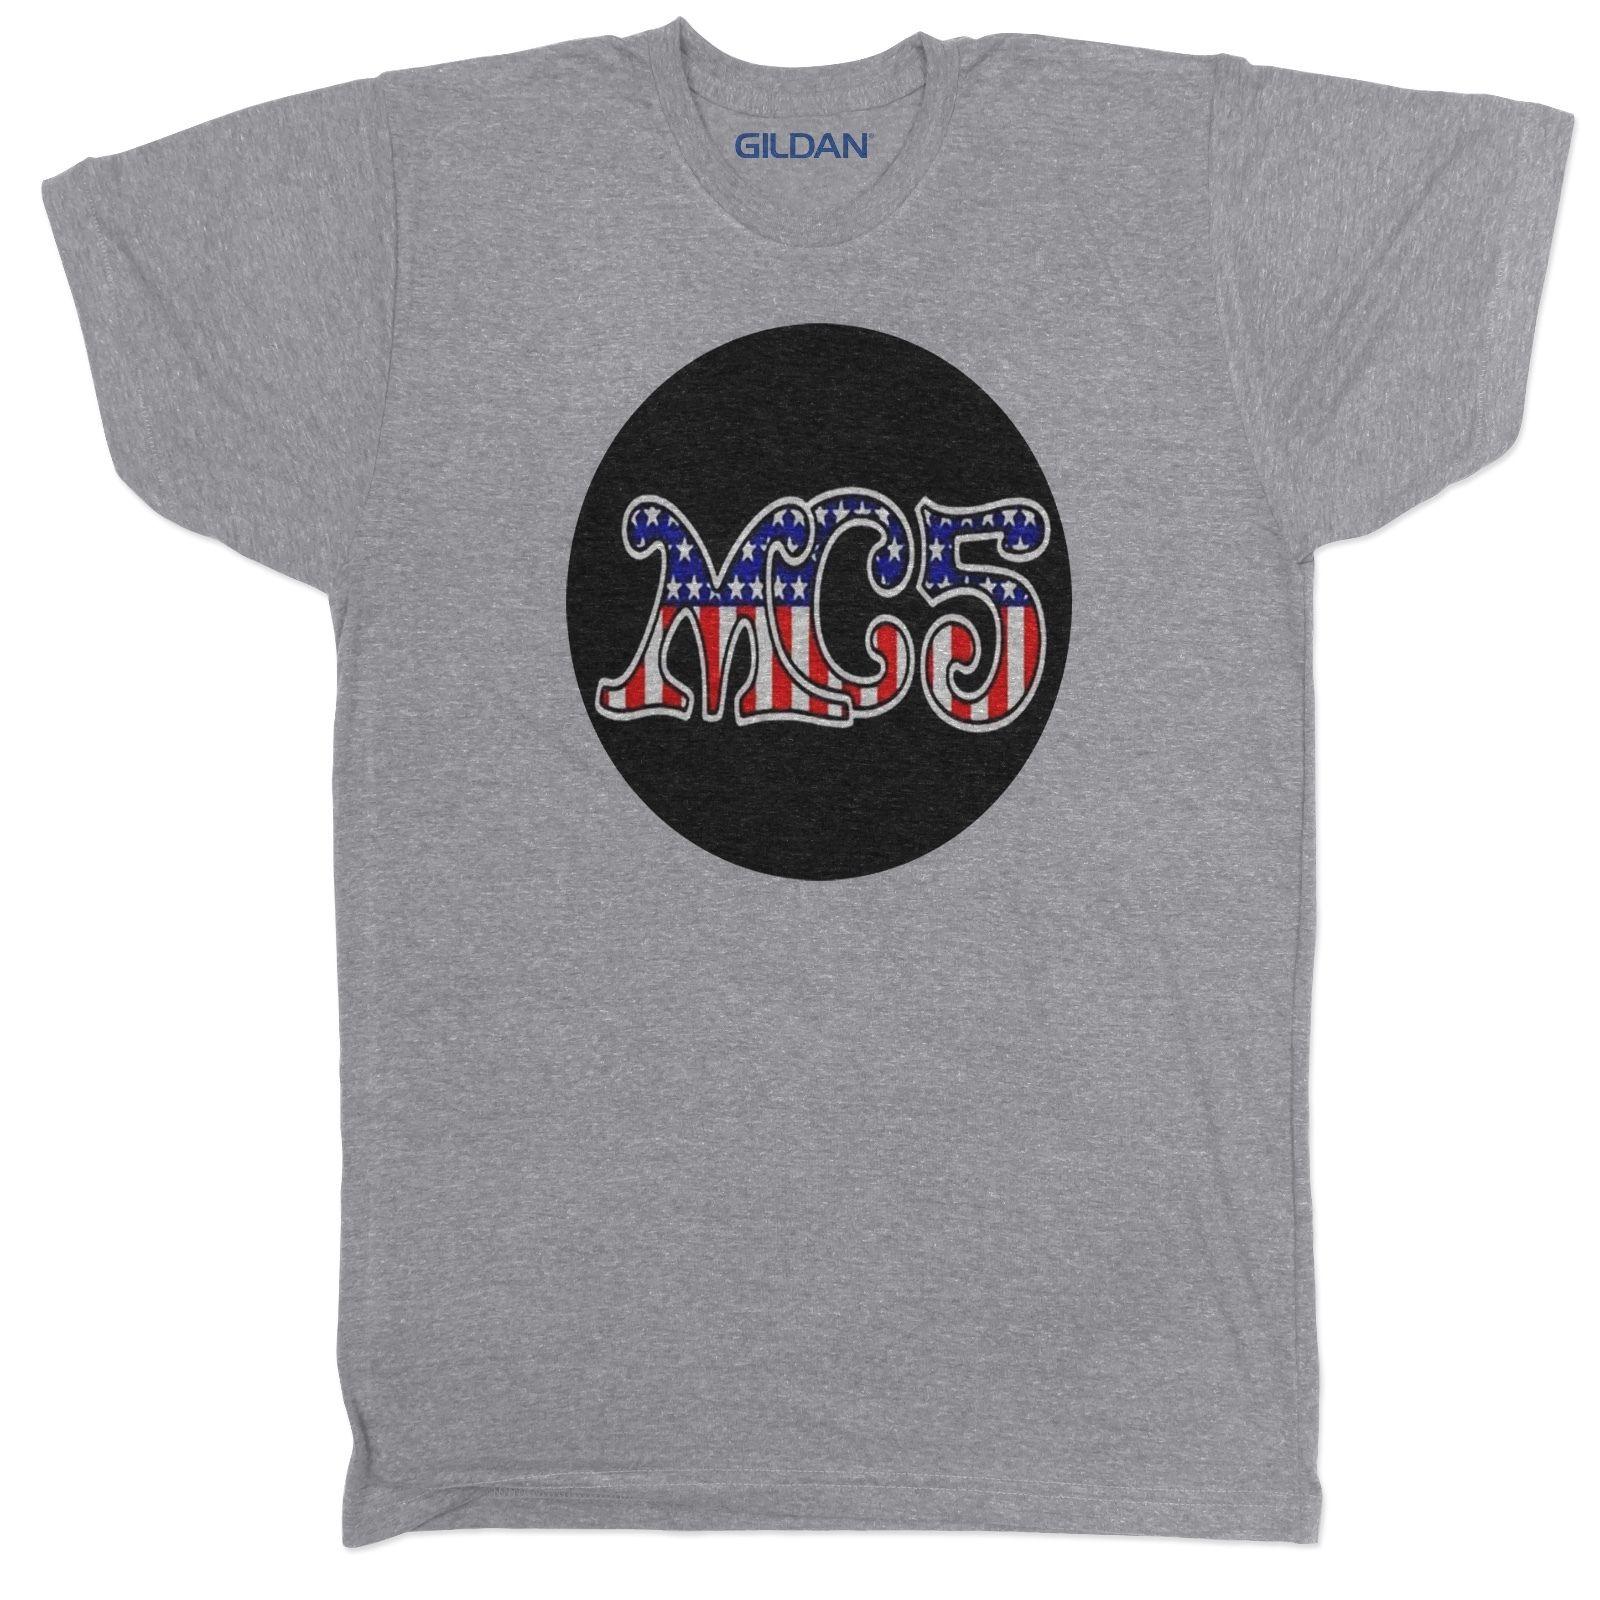 Yang MC5 Terinspirasi Tali Konser Musik Rock In Pria Gang Tumblr Grey Kaus O Leher Kaus Pria Harga Murah steampunk di T shirt dari Pria Pakaian